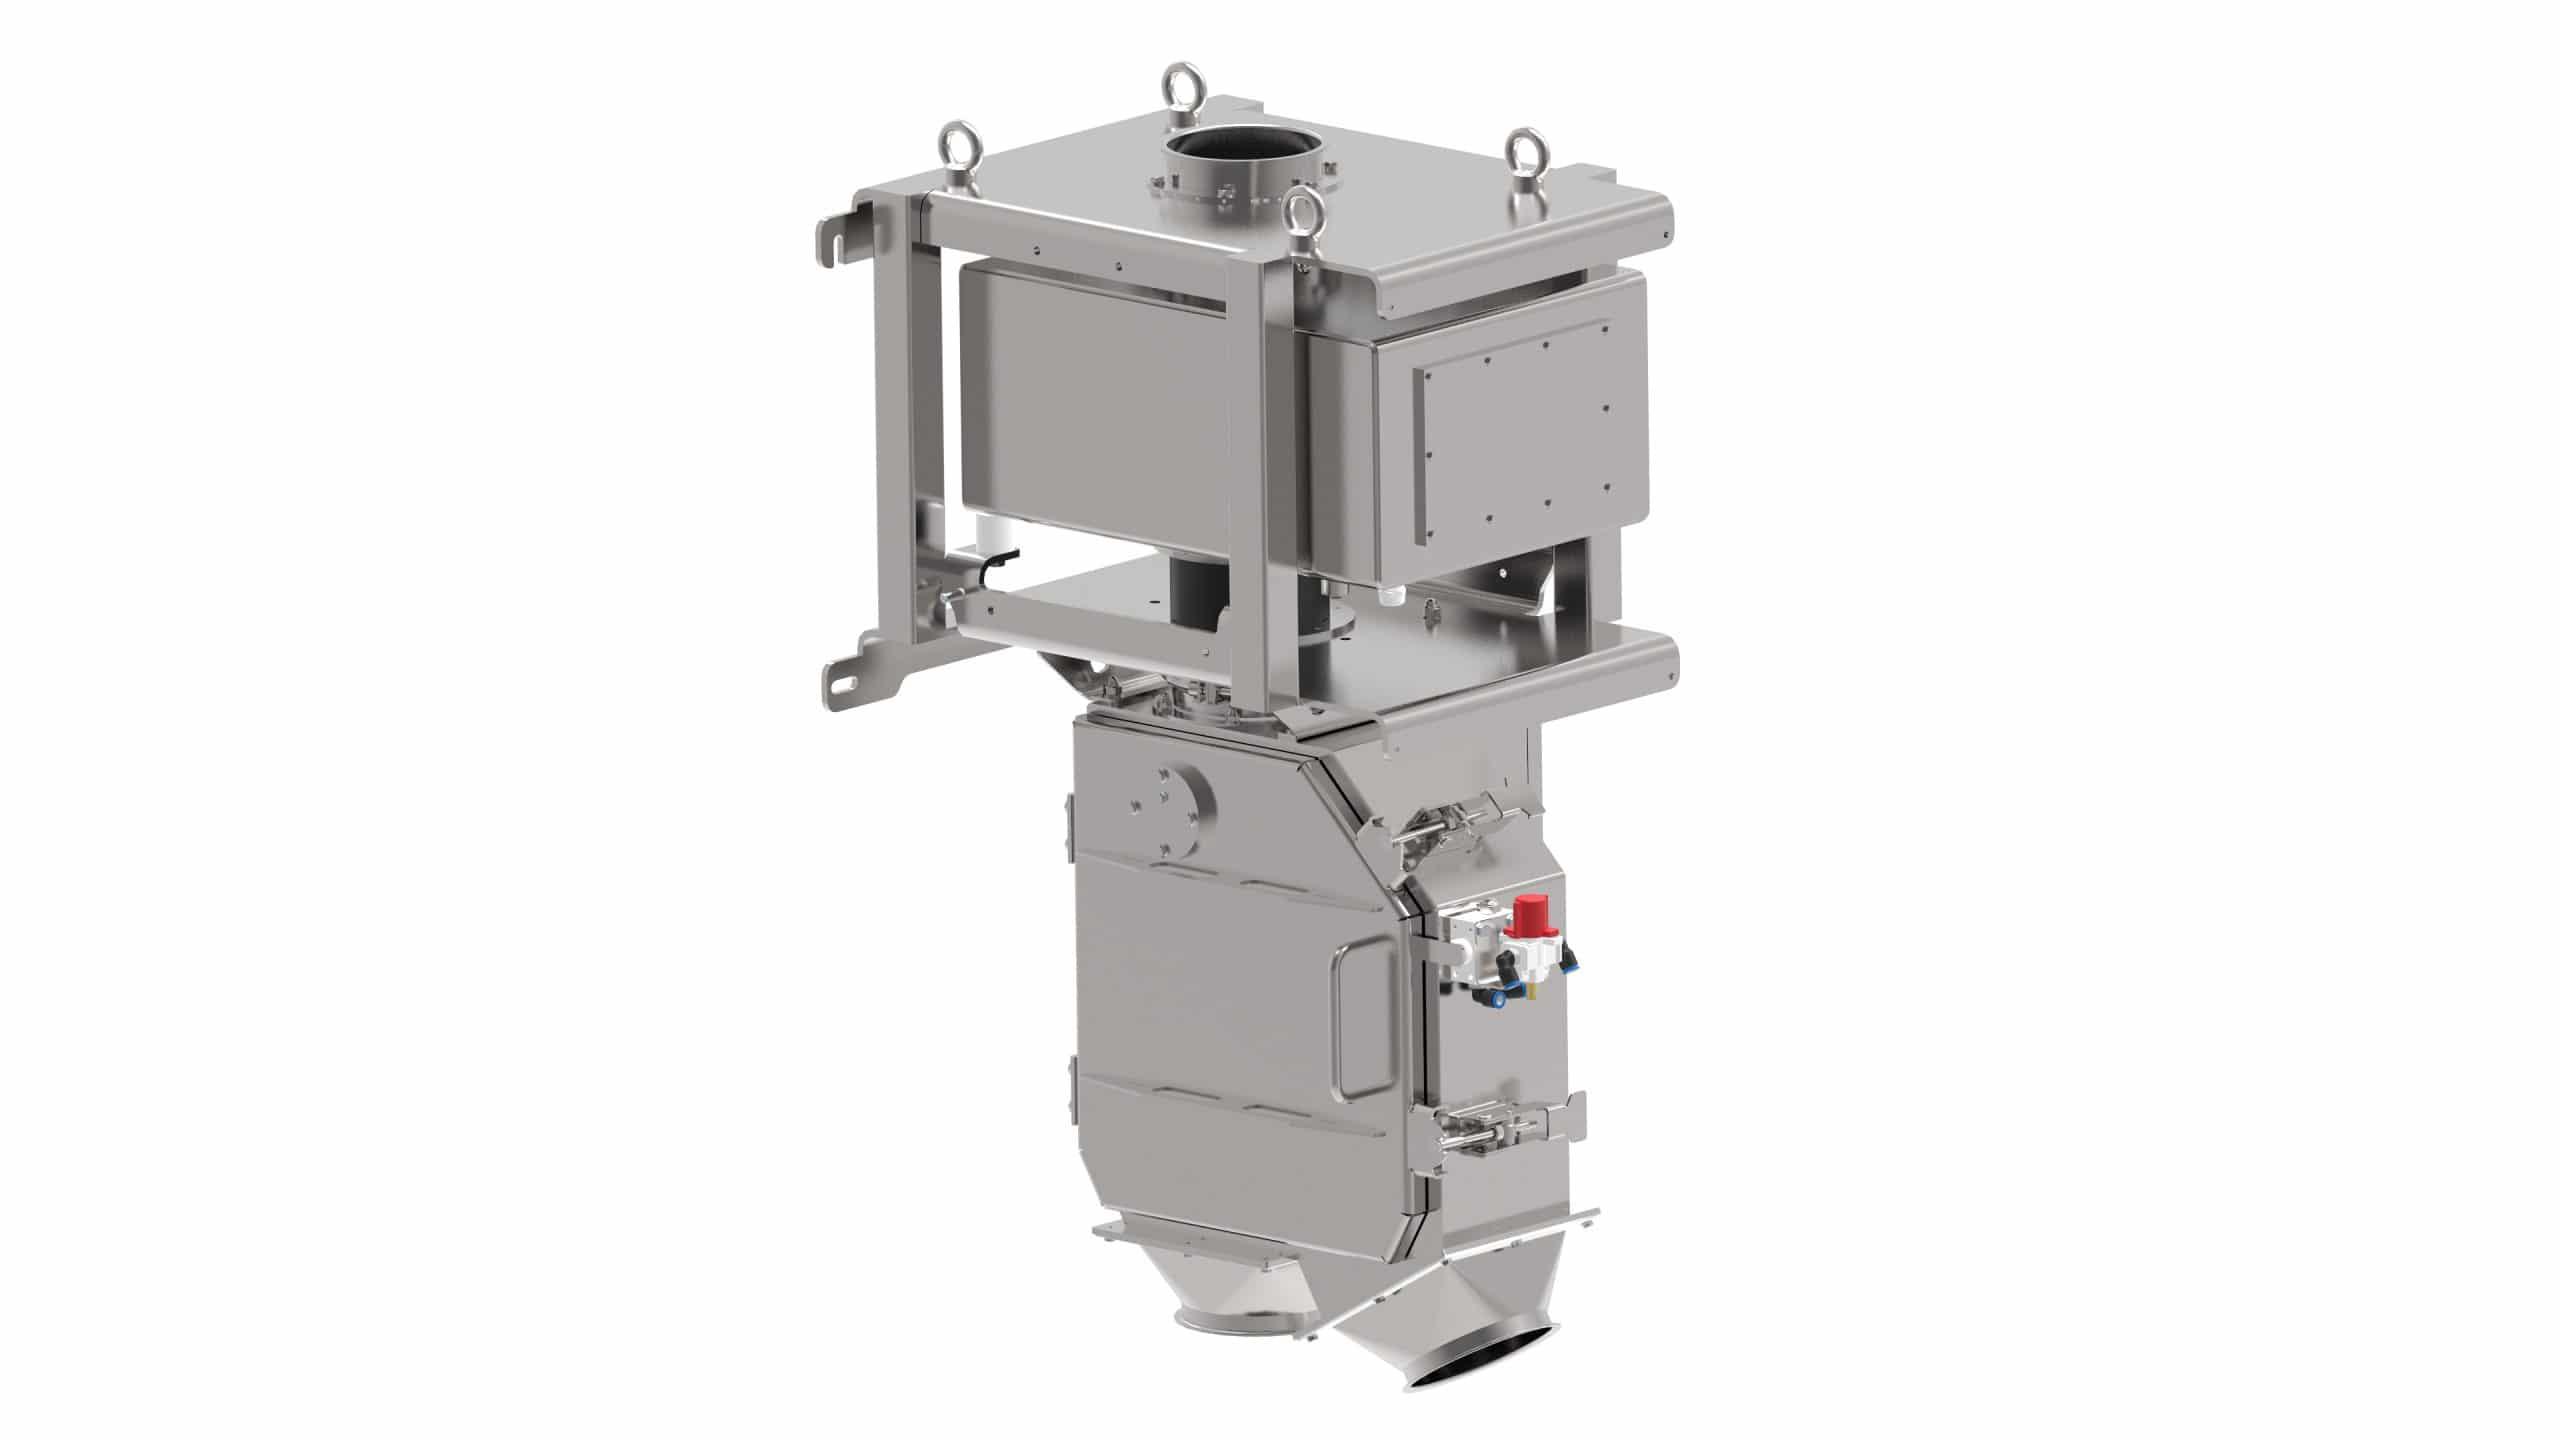 autres vues de Séparateur de métaux RAPID PRO-SENSE